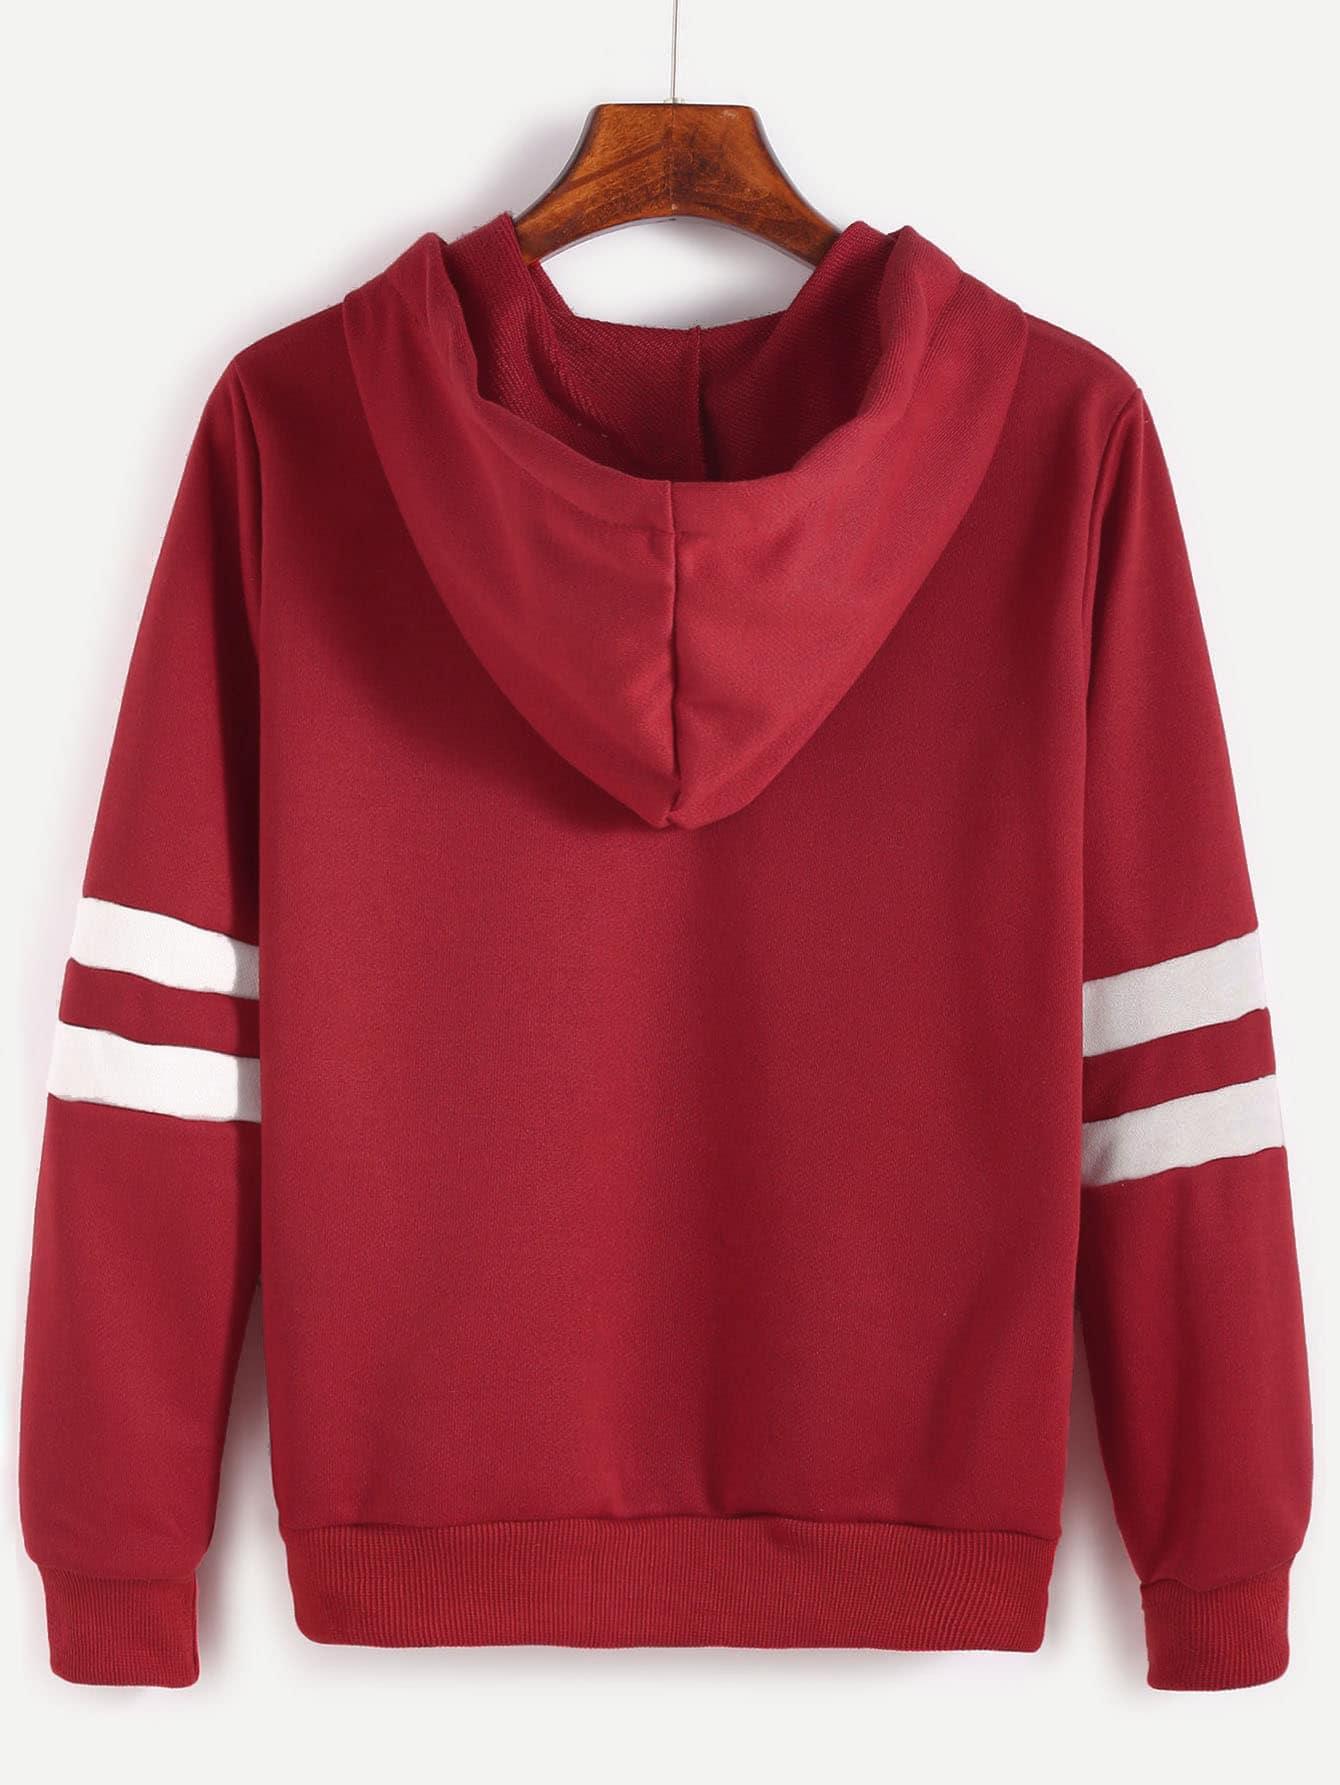 sweatshirt160923103_2